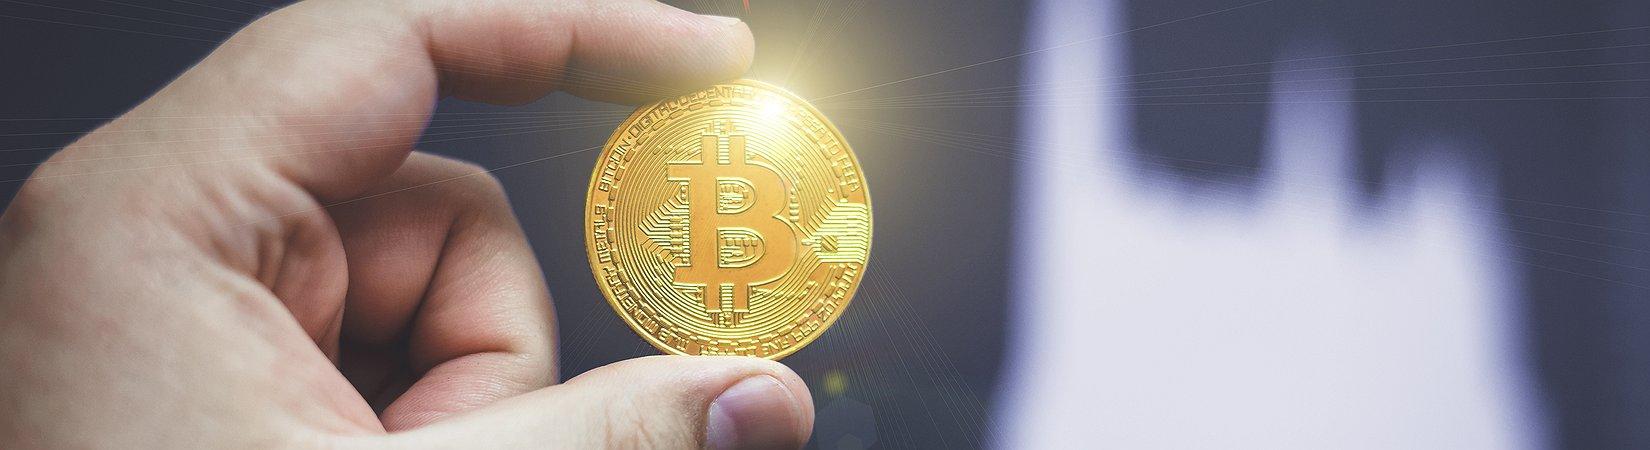 Bitcoin Gold: perguntas frequentes sobre o próximo hard fork da Bitcoin